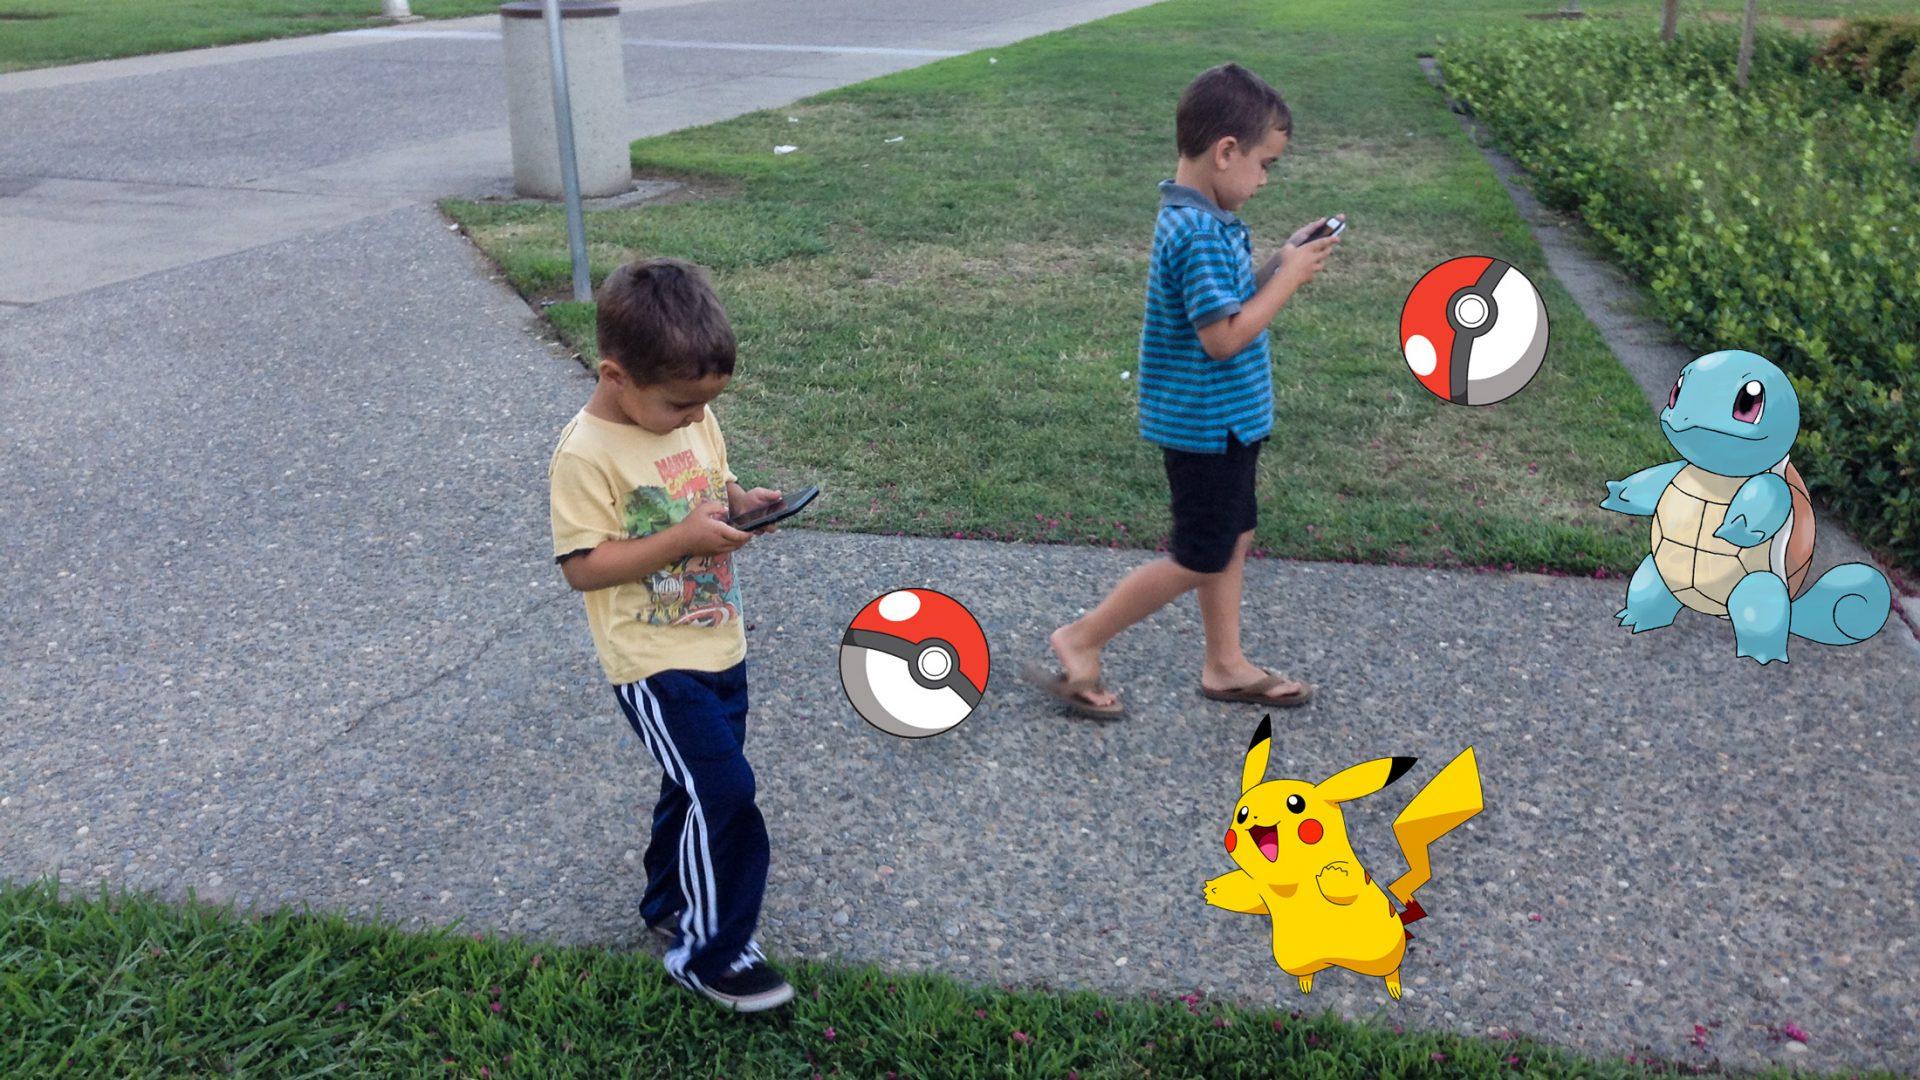 Pokemon Go Safety Tips